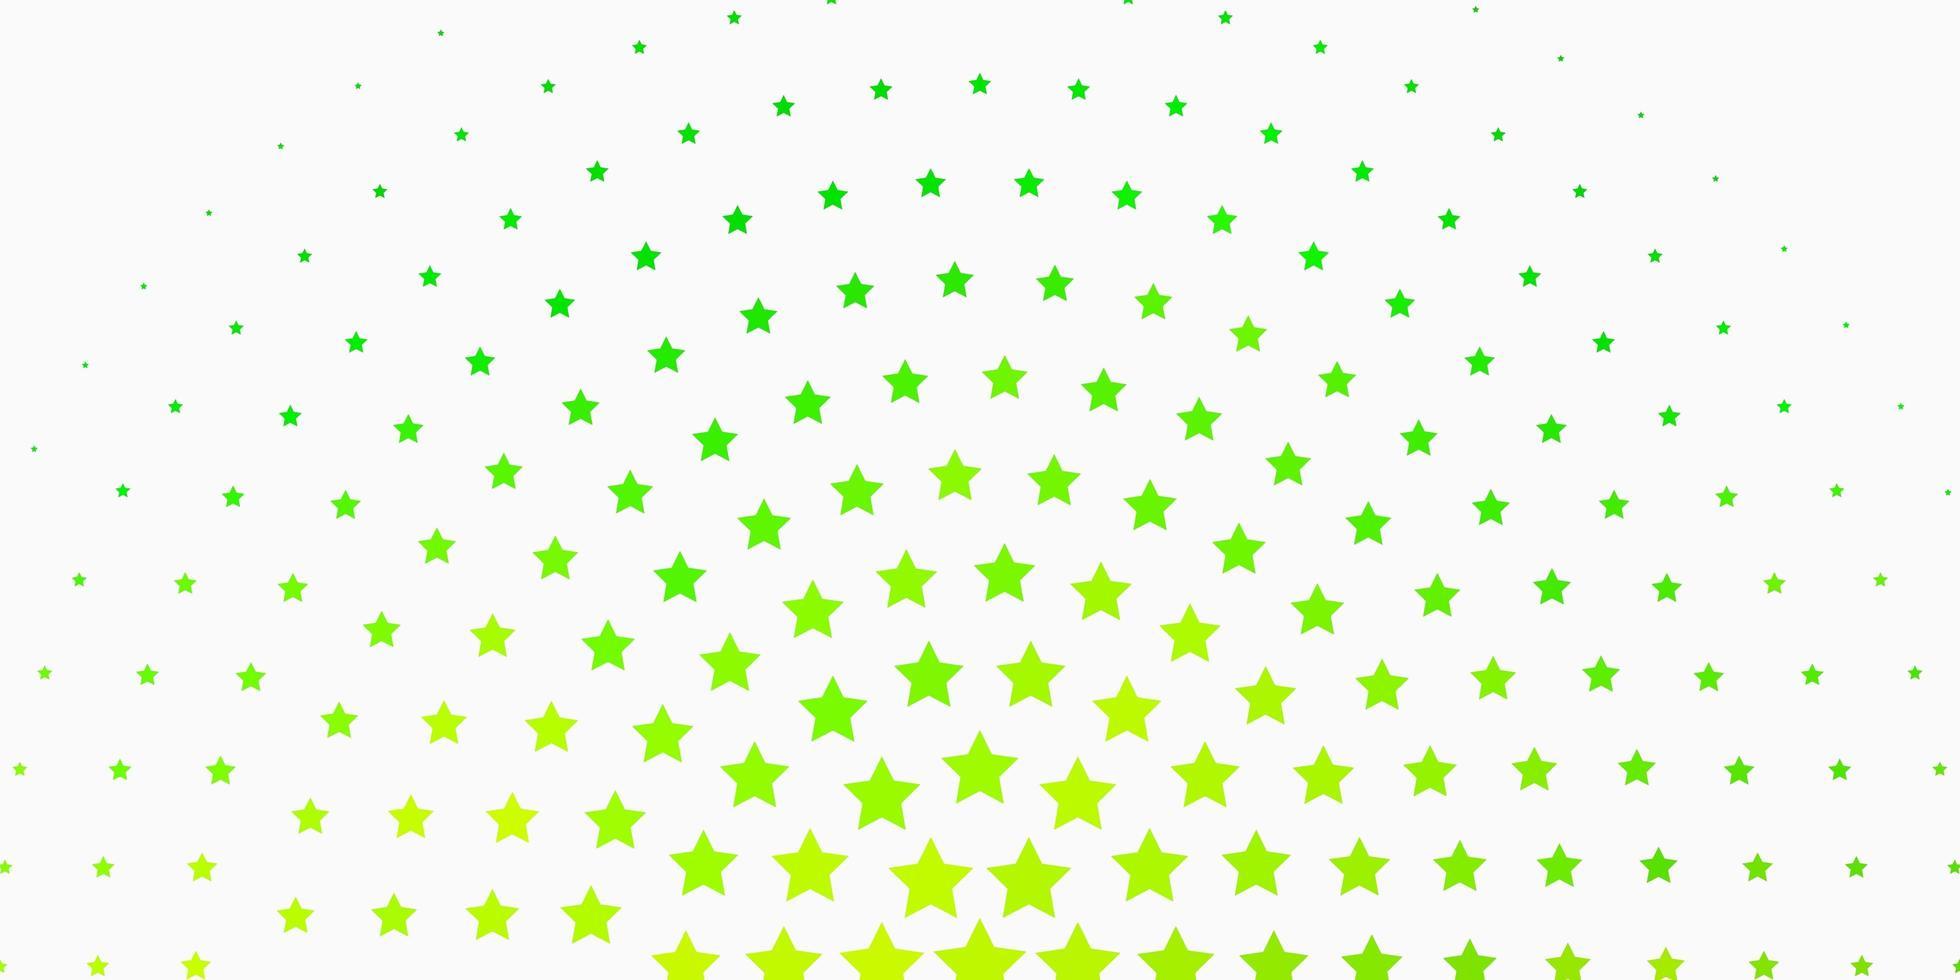 sfondo verde chiaro con stelle colorate. vettore